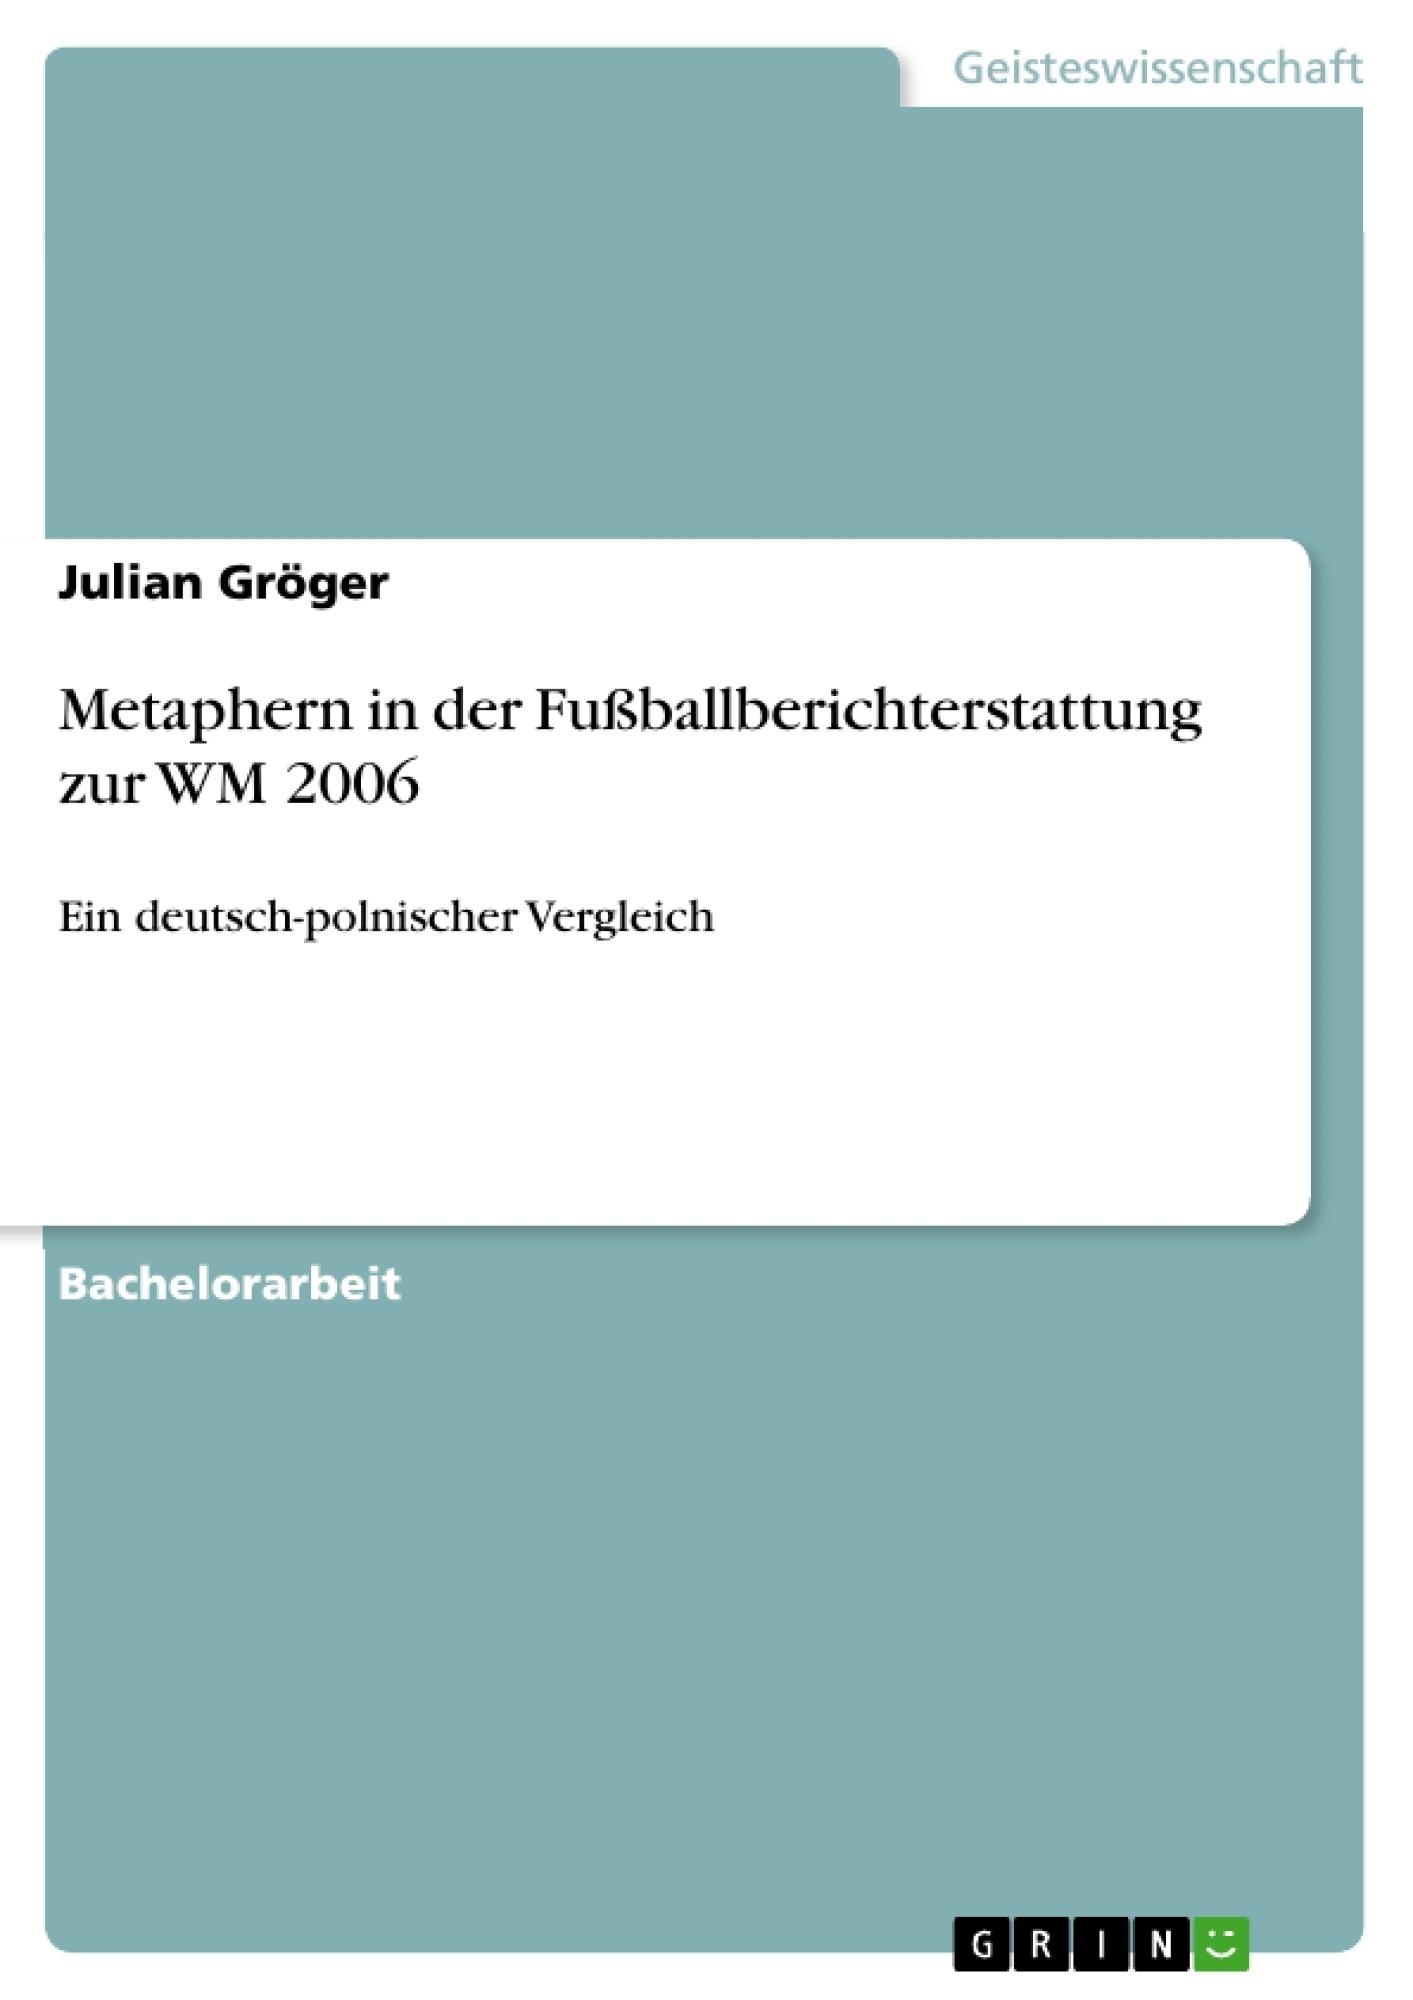 Titel: Metaphern in der Fußballberichterstattung  zur WM 2006